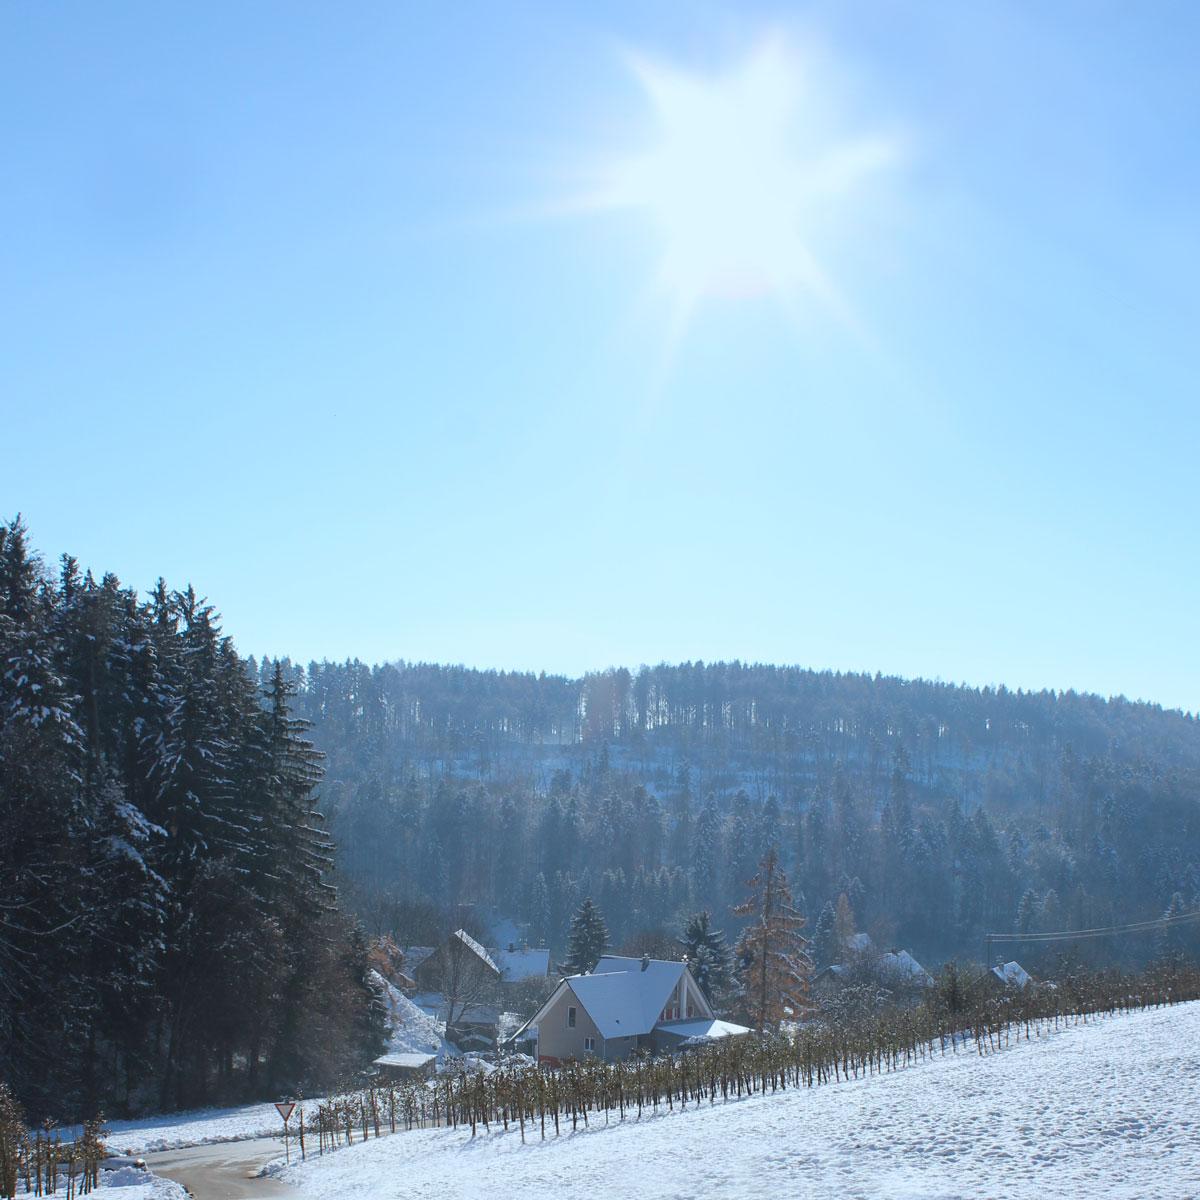 Privates Lieblingsbild: Unser Zuhause mit Sonne & Schnee